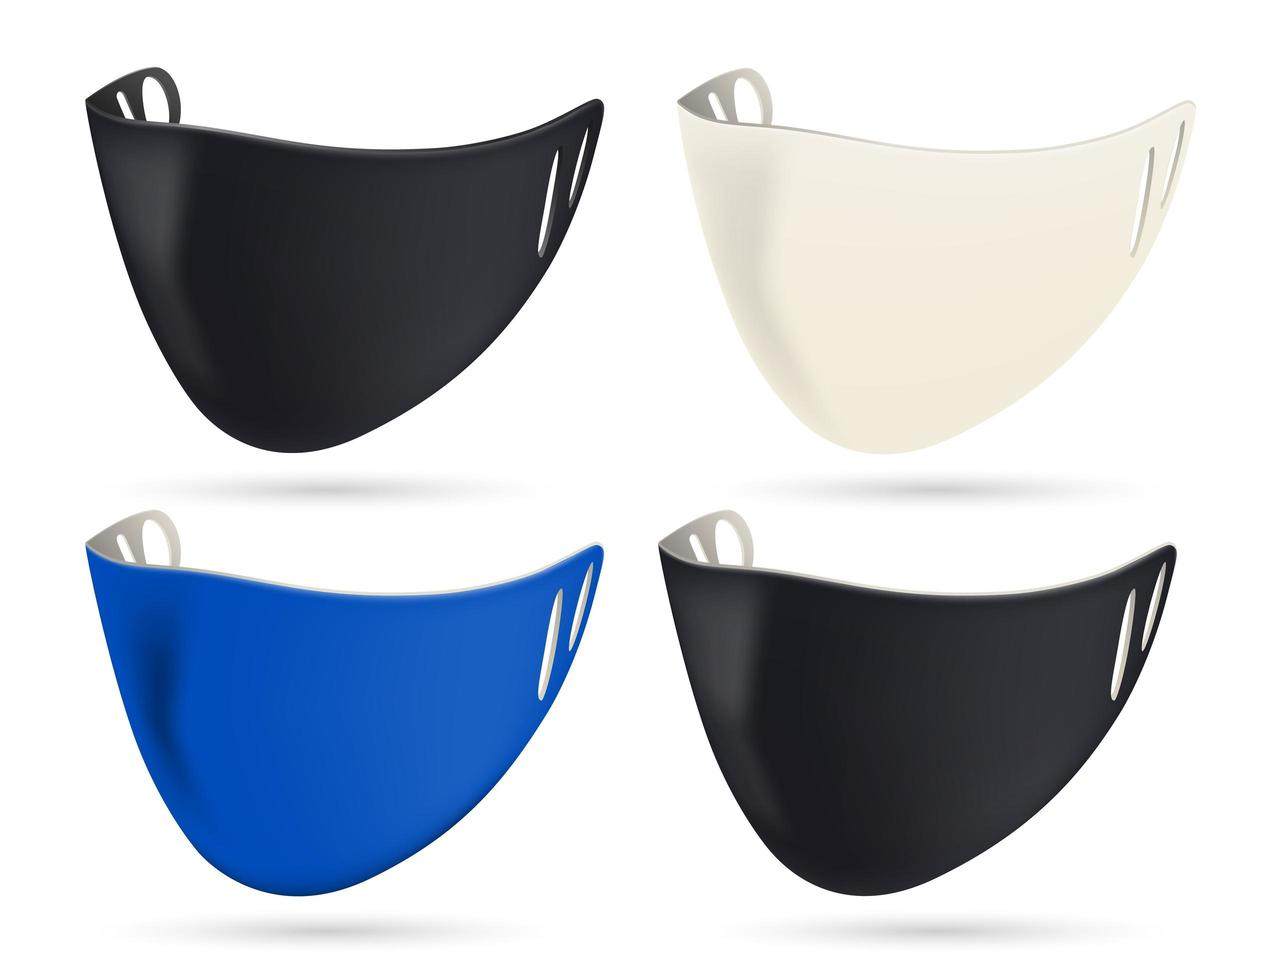 schwarz, weiß und blau schützende Gesichtsmaske gesetzt vektor